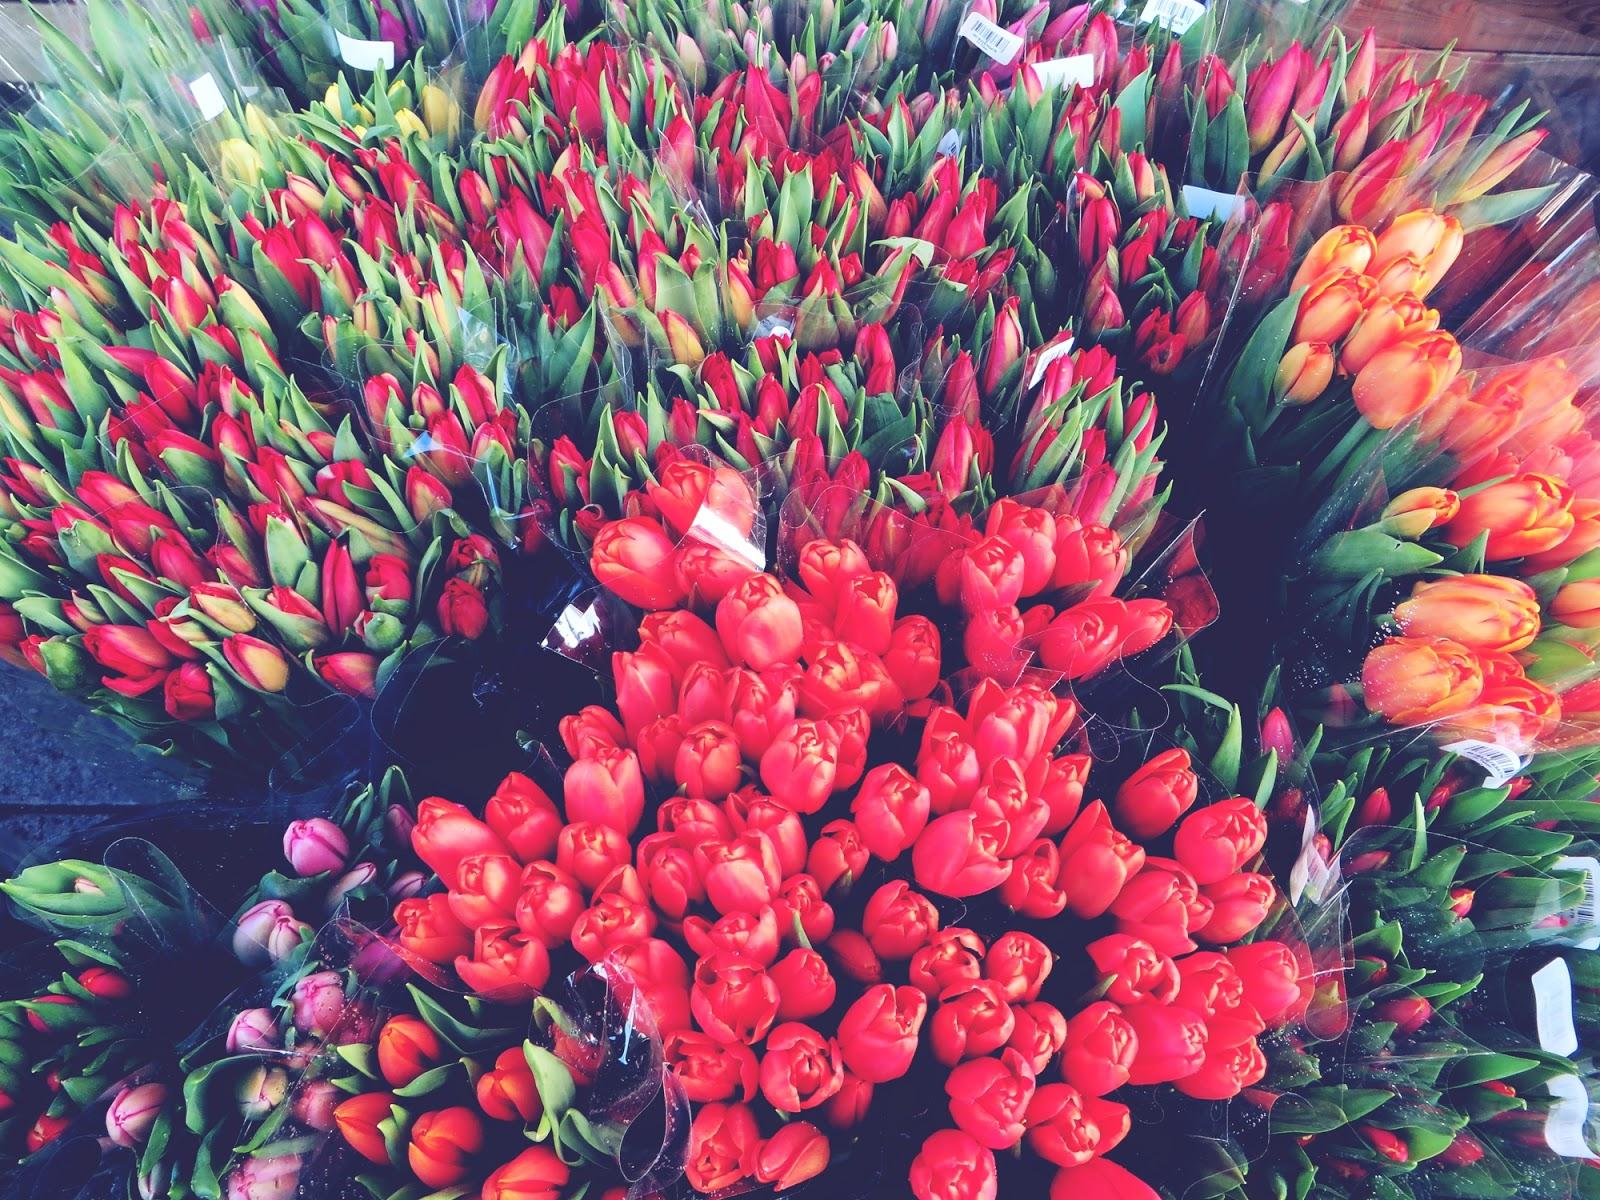 tulppaani, tulppaanit, tulips, spring